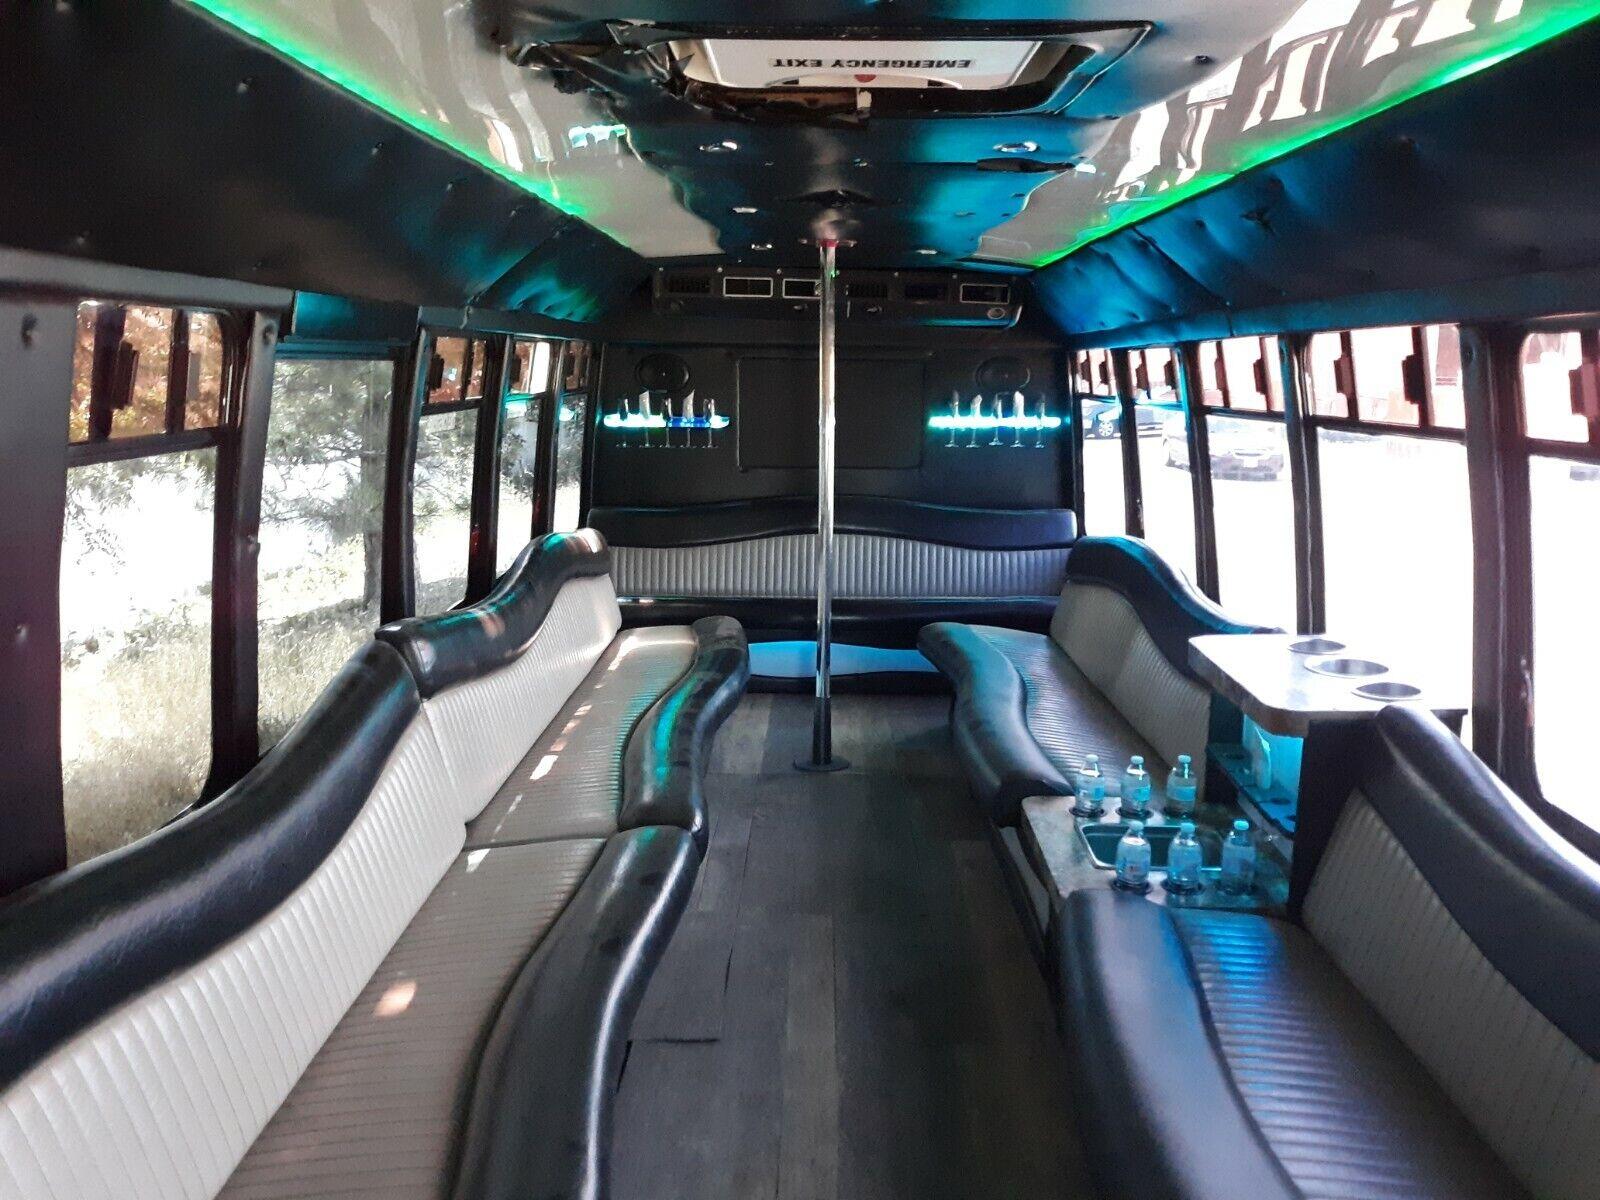 2006 Chevrolet C5500 Party Bus - 33 Passenger